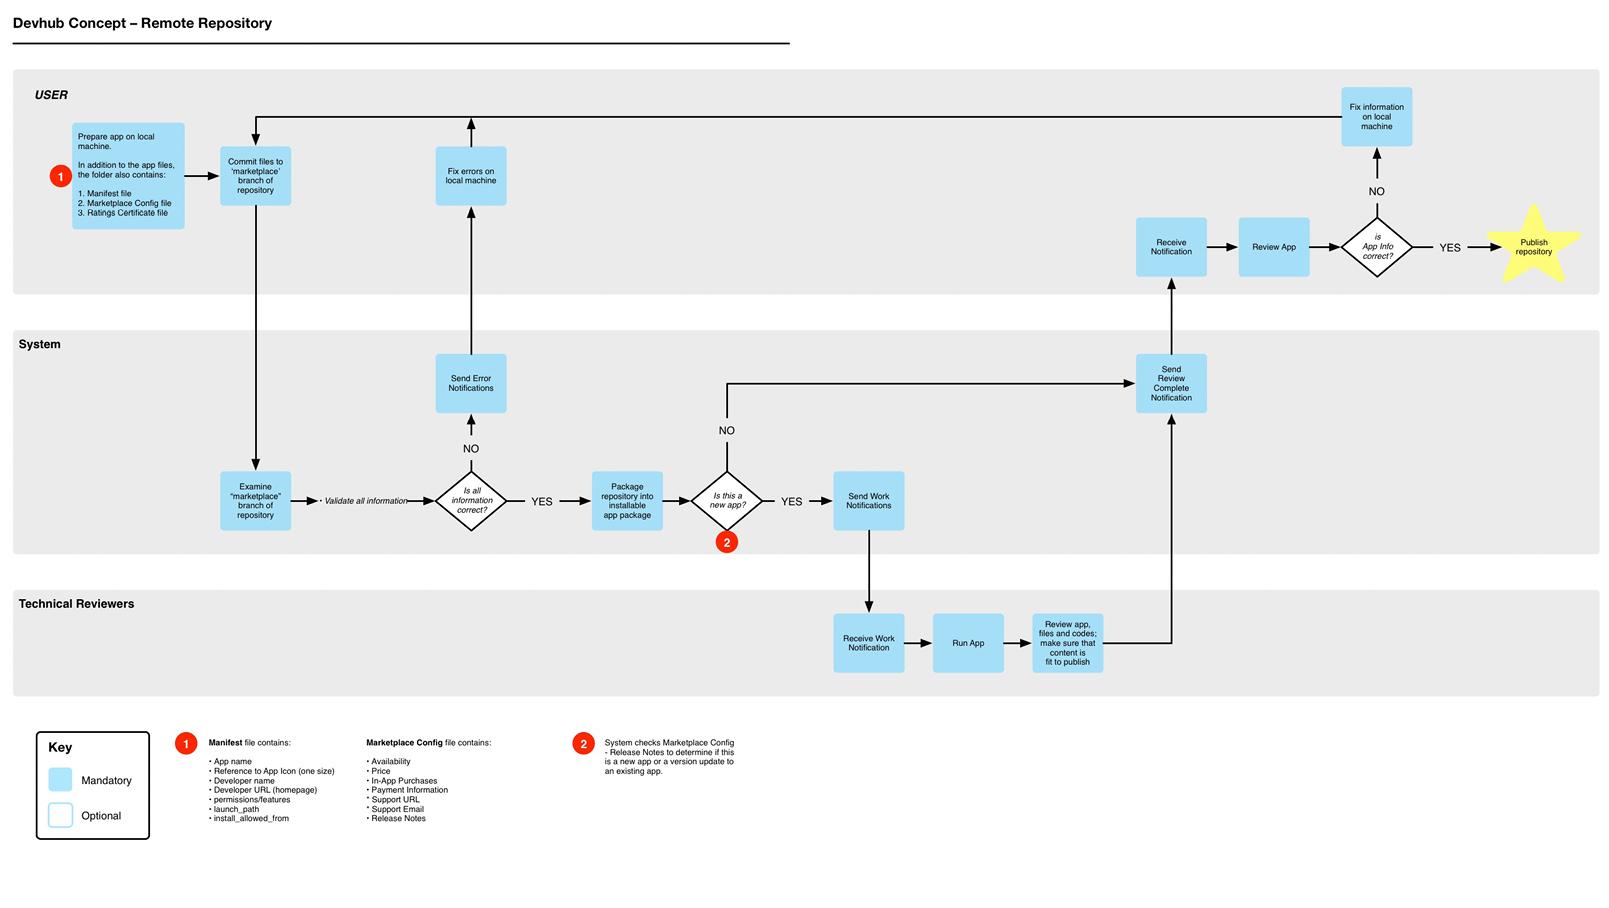 Concept - Remote Repository